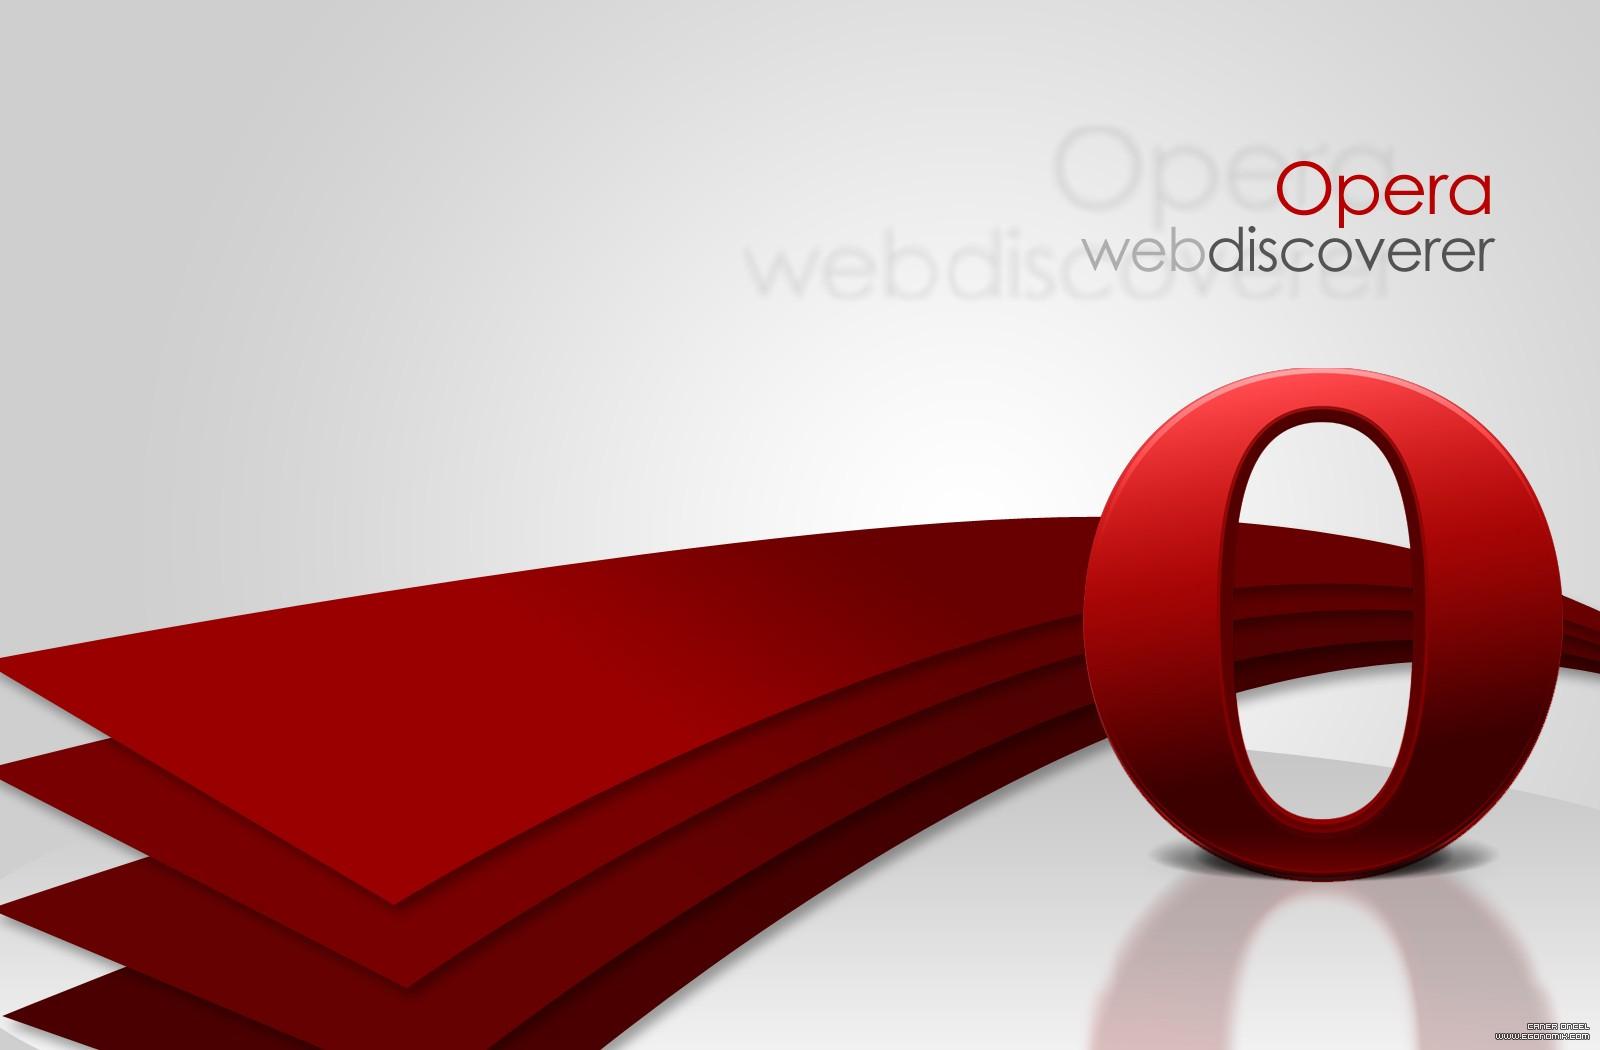 図 赤 ロゴ サークル 世界 オペラブラウザ ブランド オペラ ファッションアクセサリー フォント 製品 図